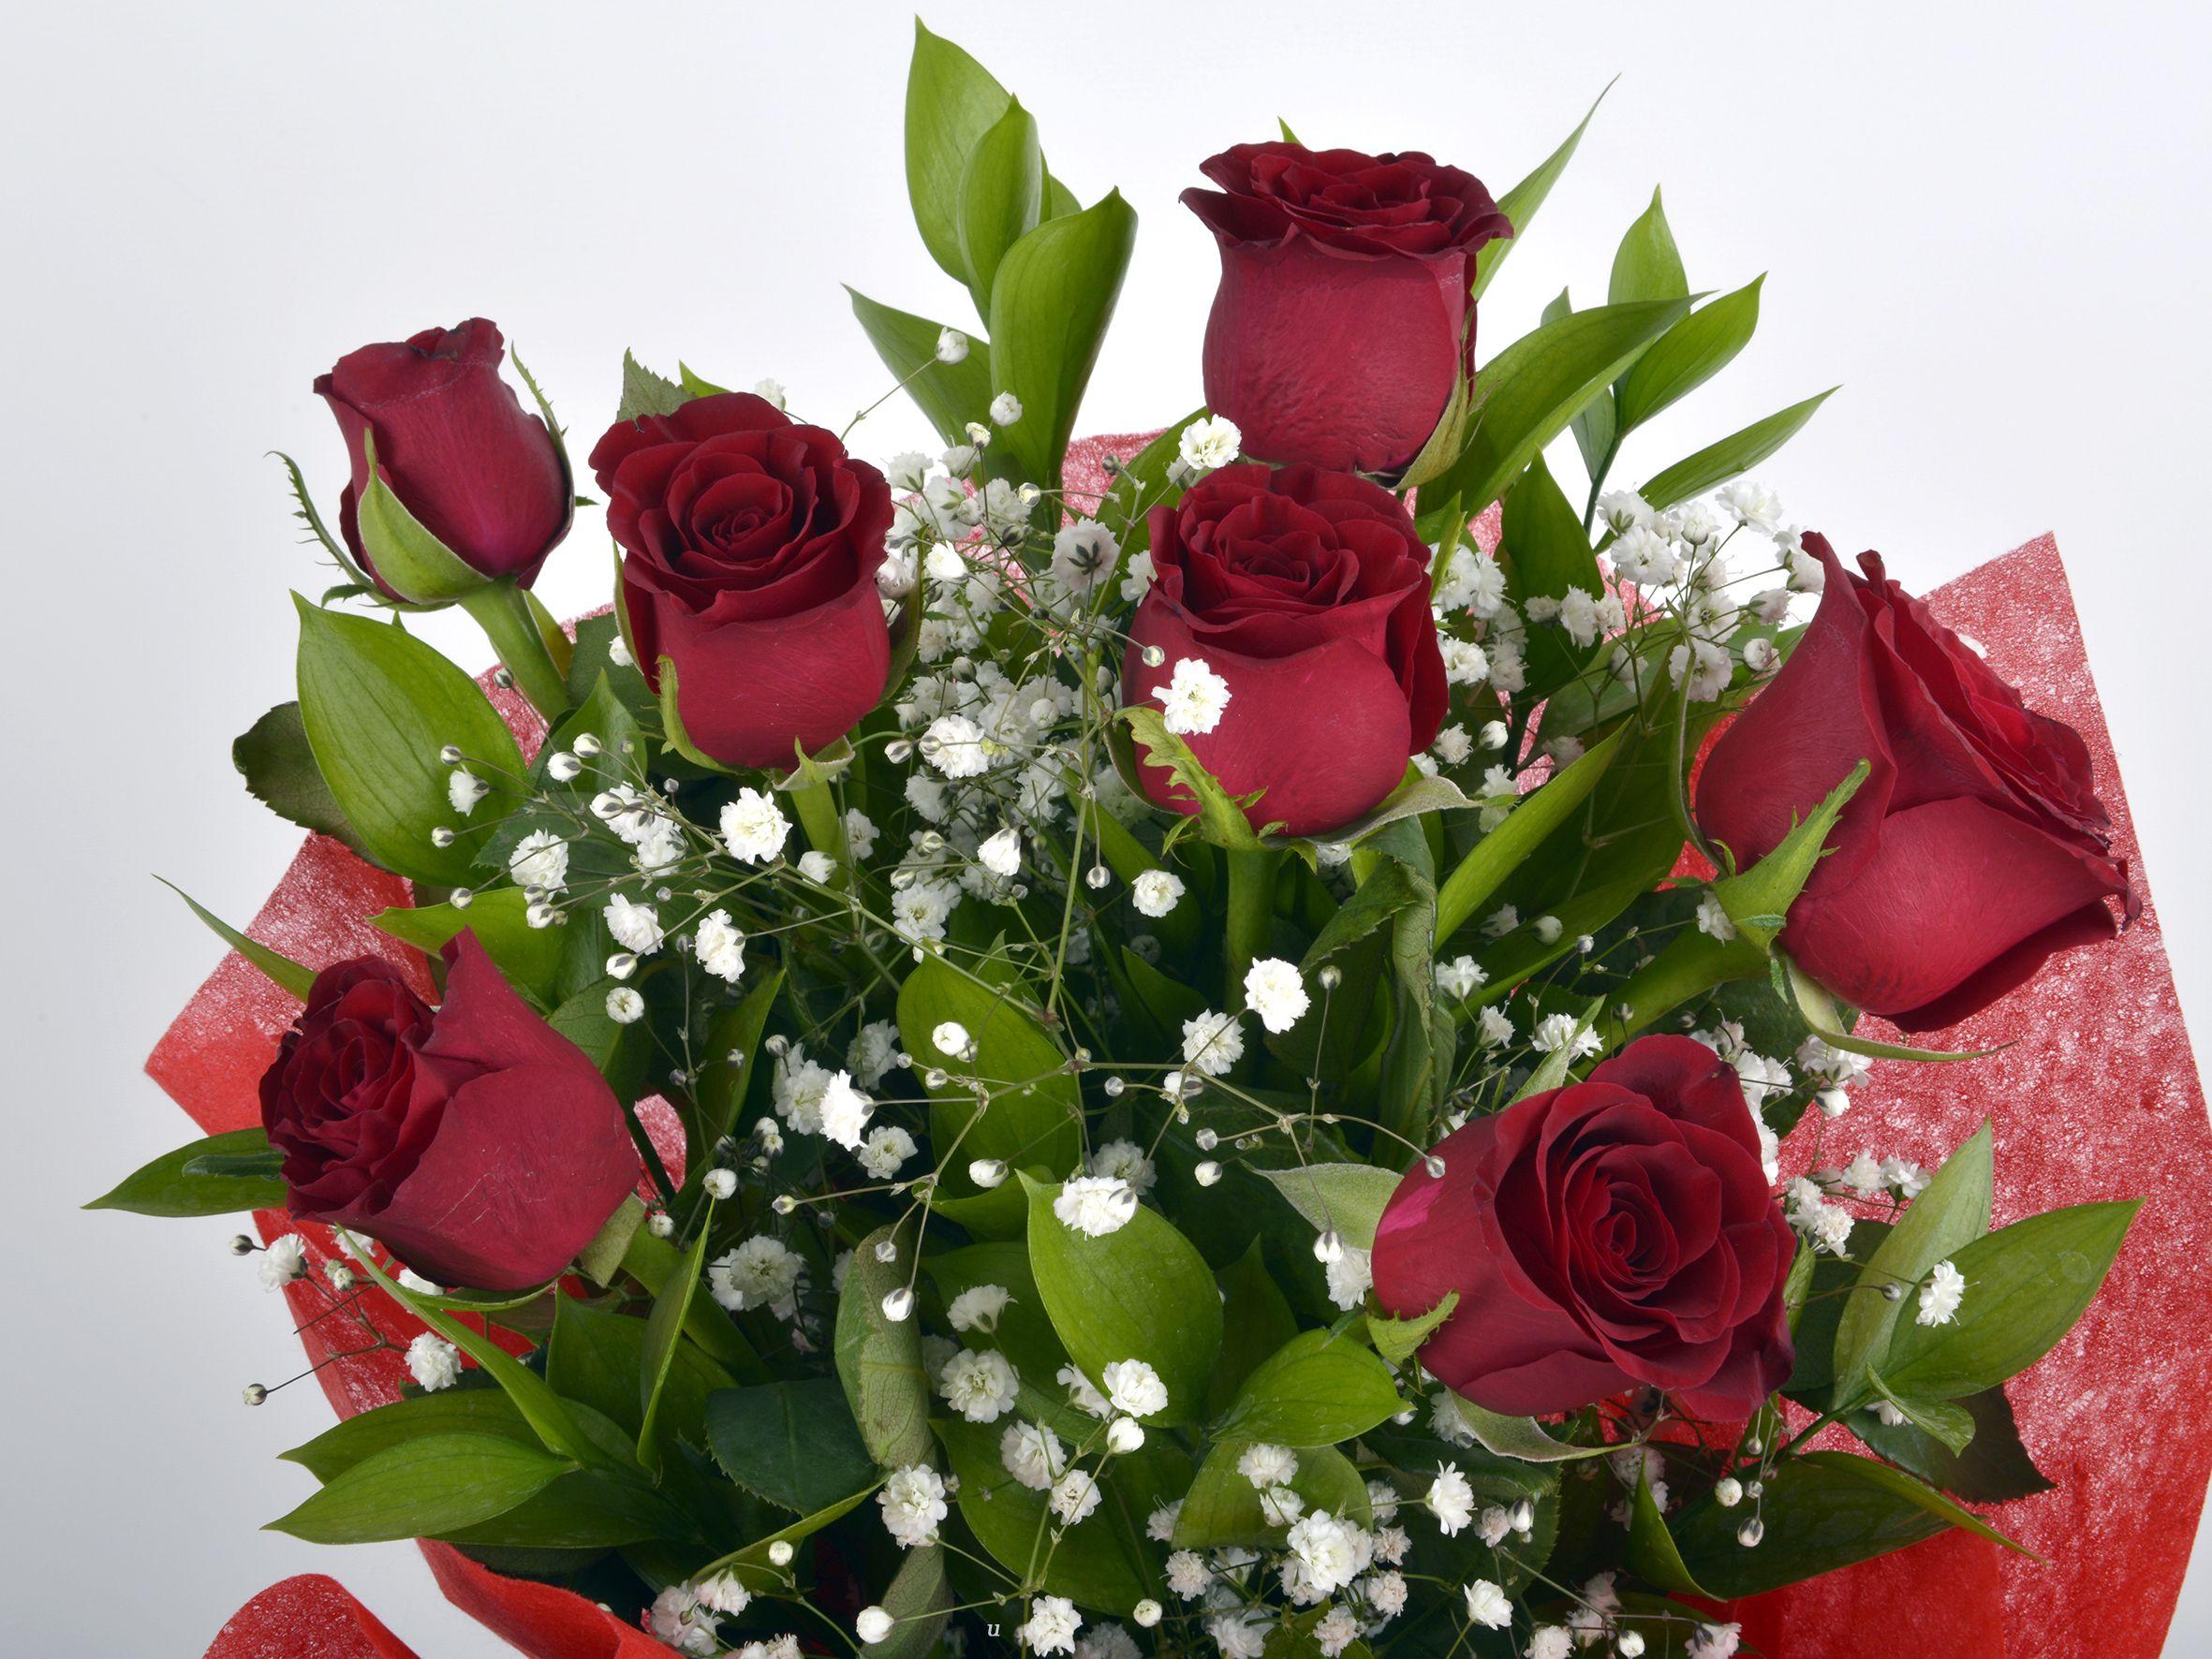 7 Adet Kırmızı Gül Buketi Buketler çiçek gönder